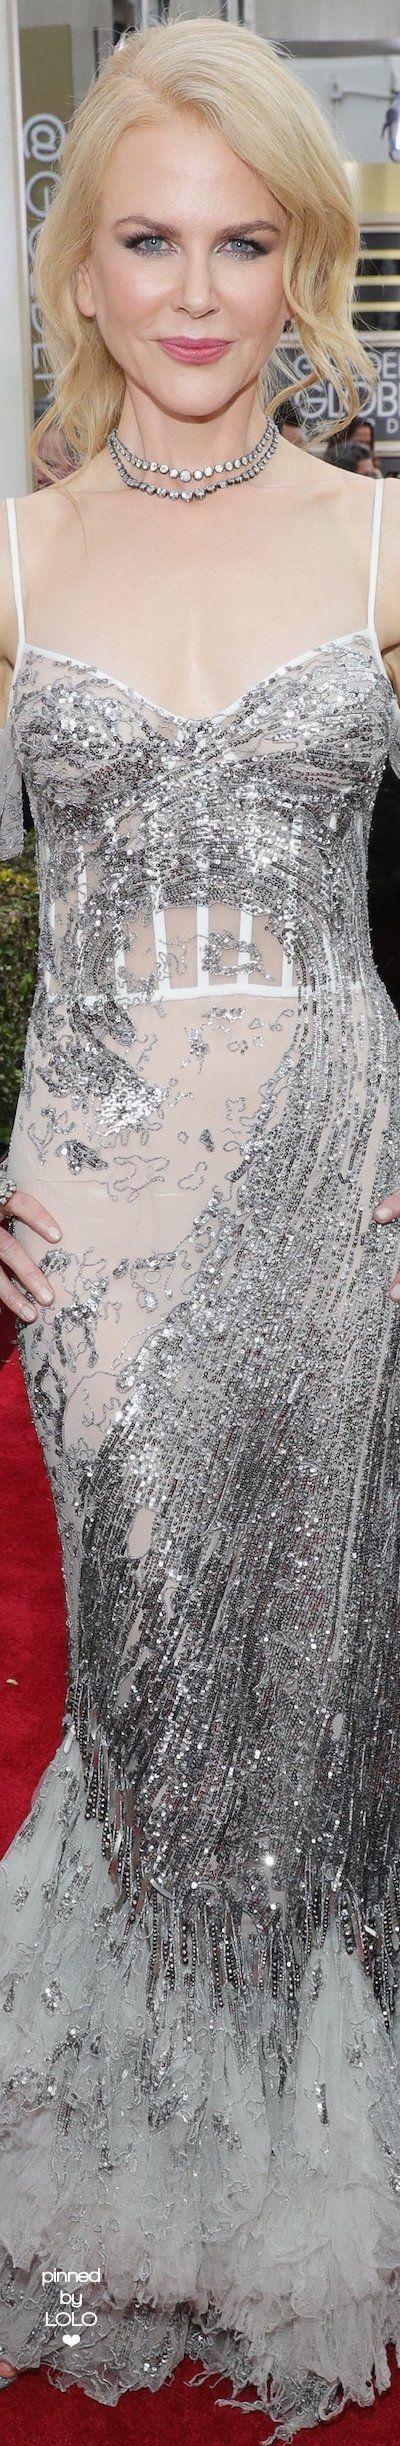 Nicole Kidman in Alexander McQueen 2017 Golden Globes